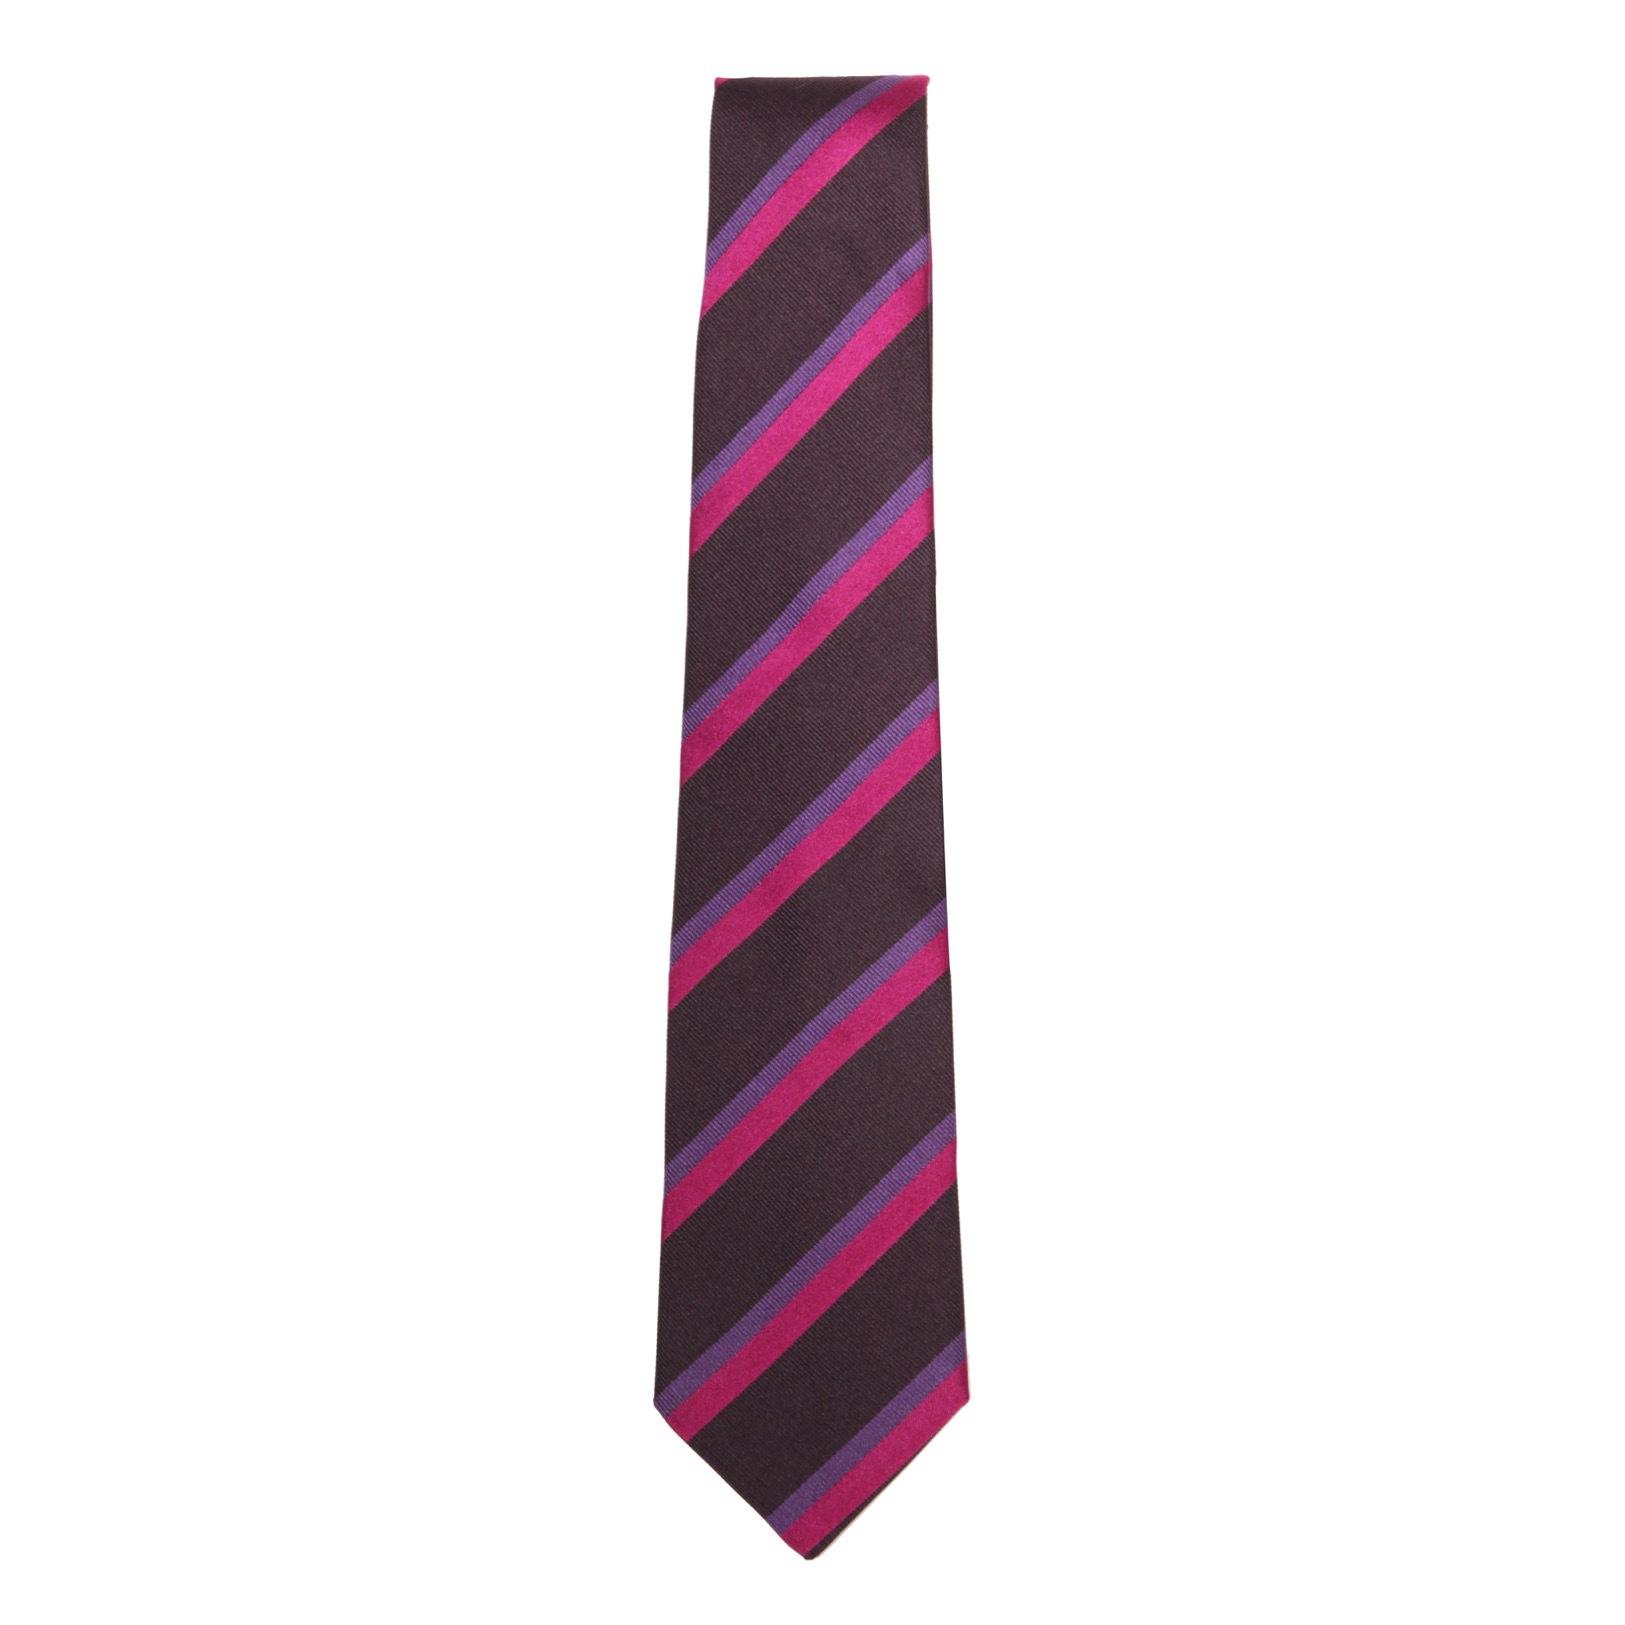 Галстук. Цвет серый/фиолетовый ETRO